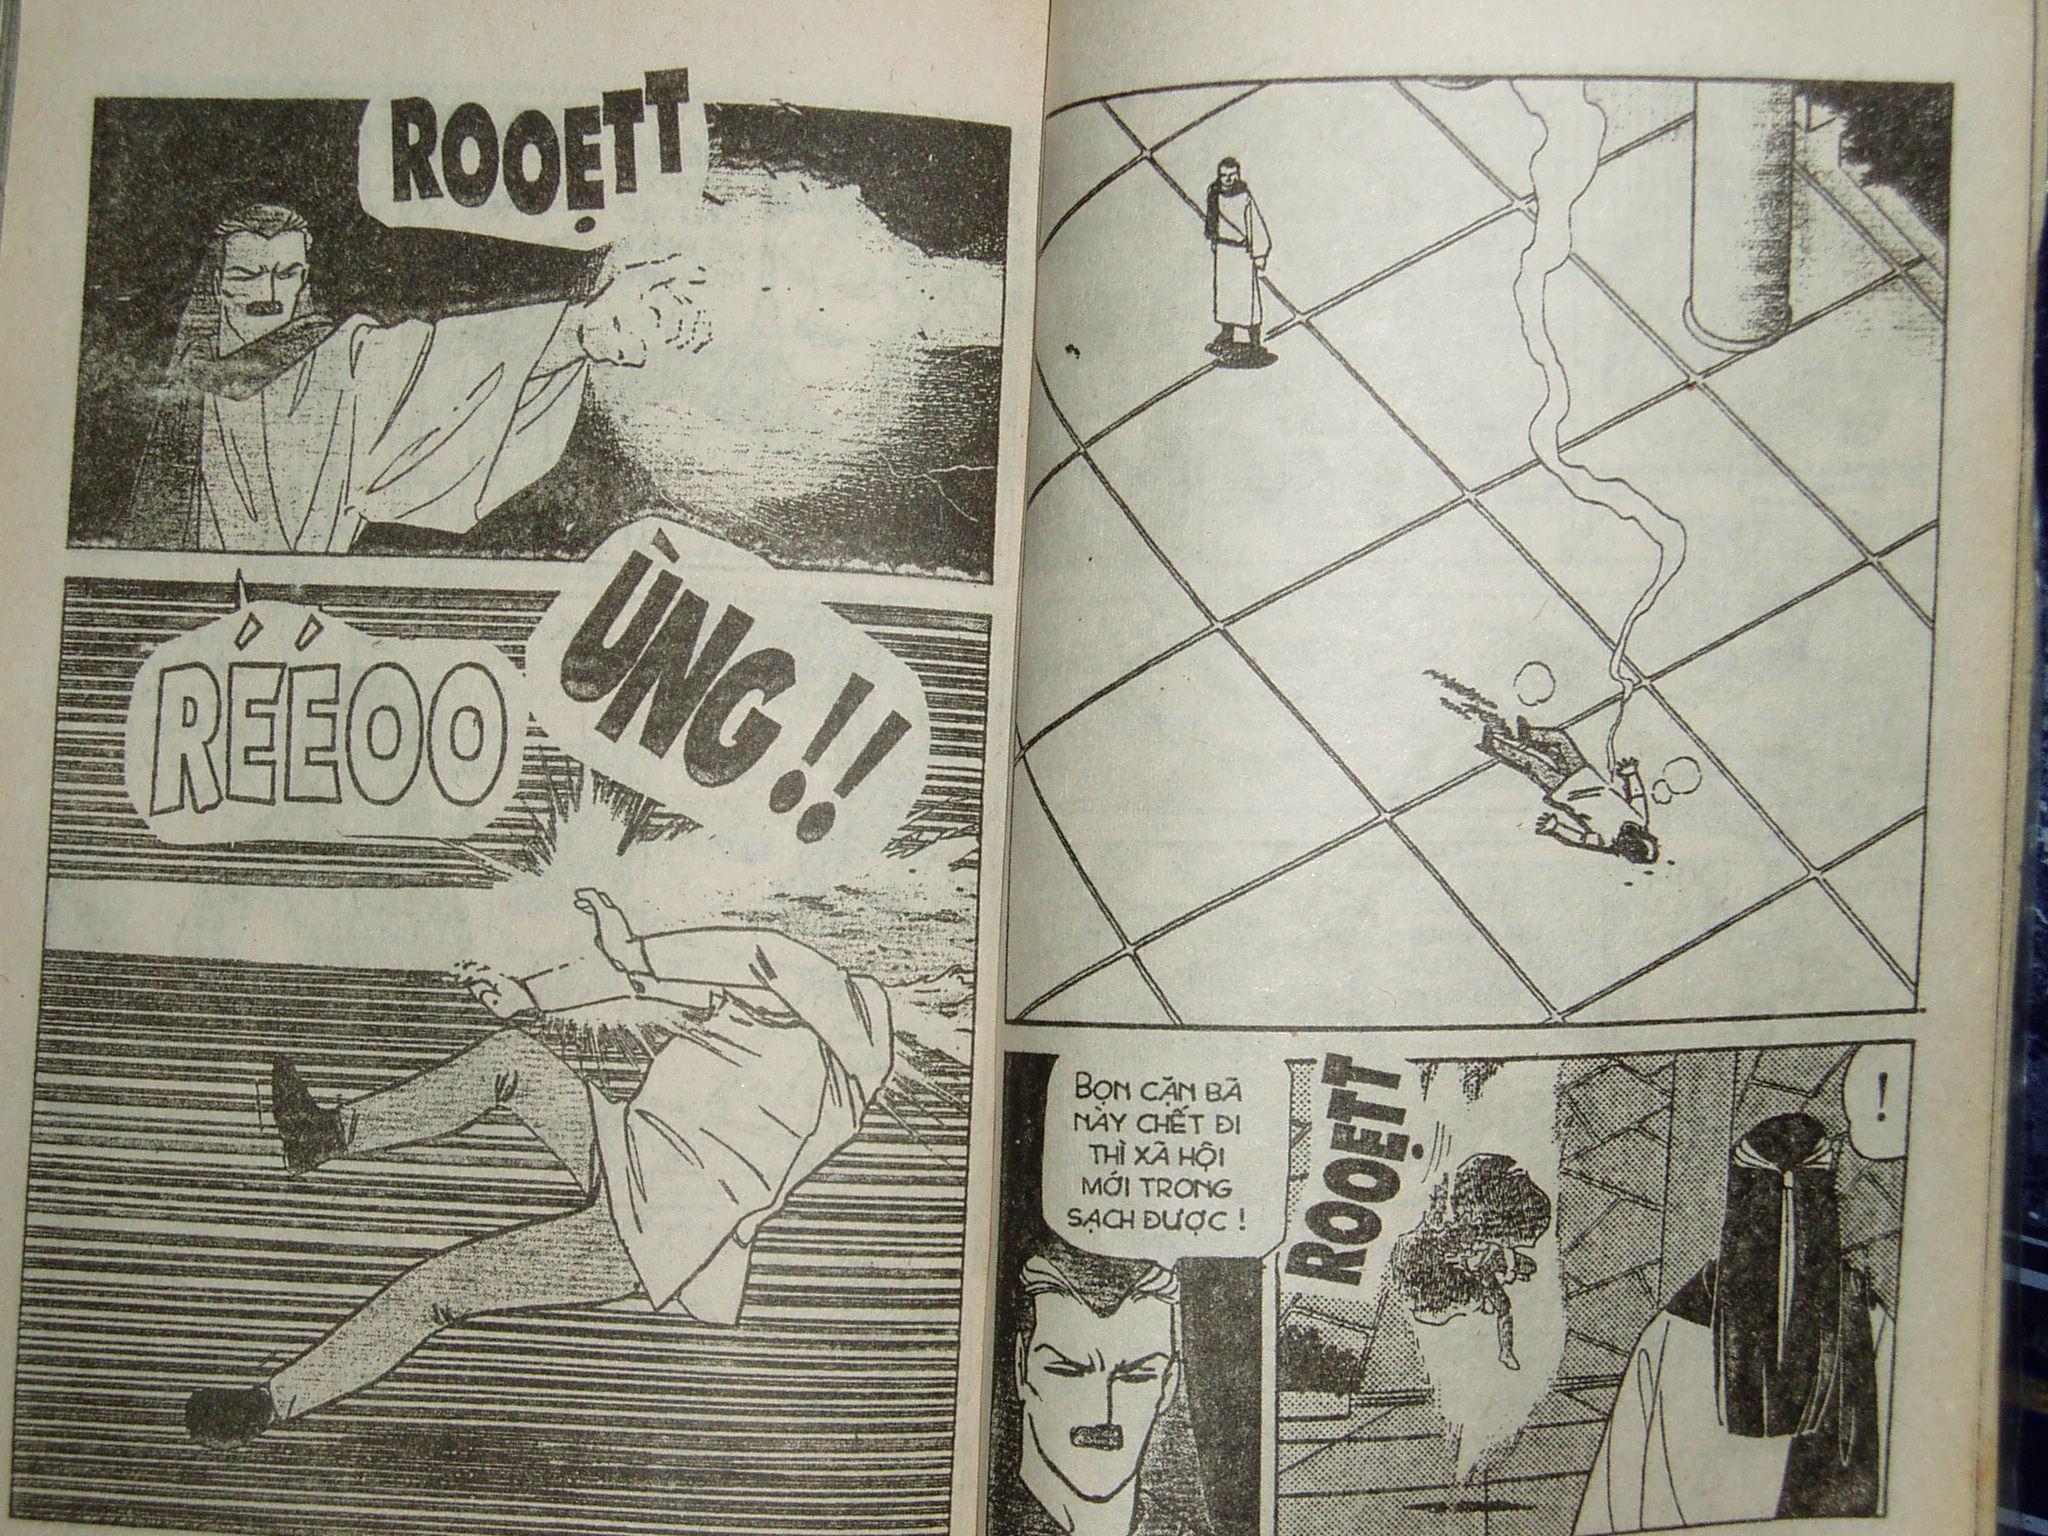 Siêu nhân Locke vol 14 trang 72